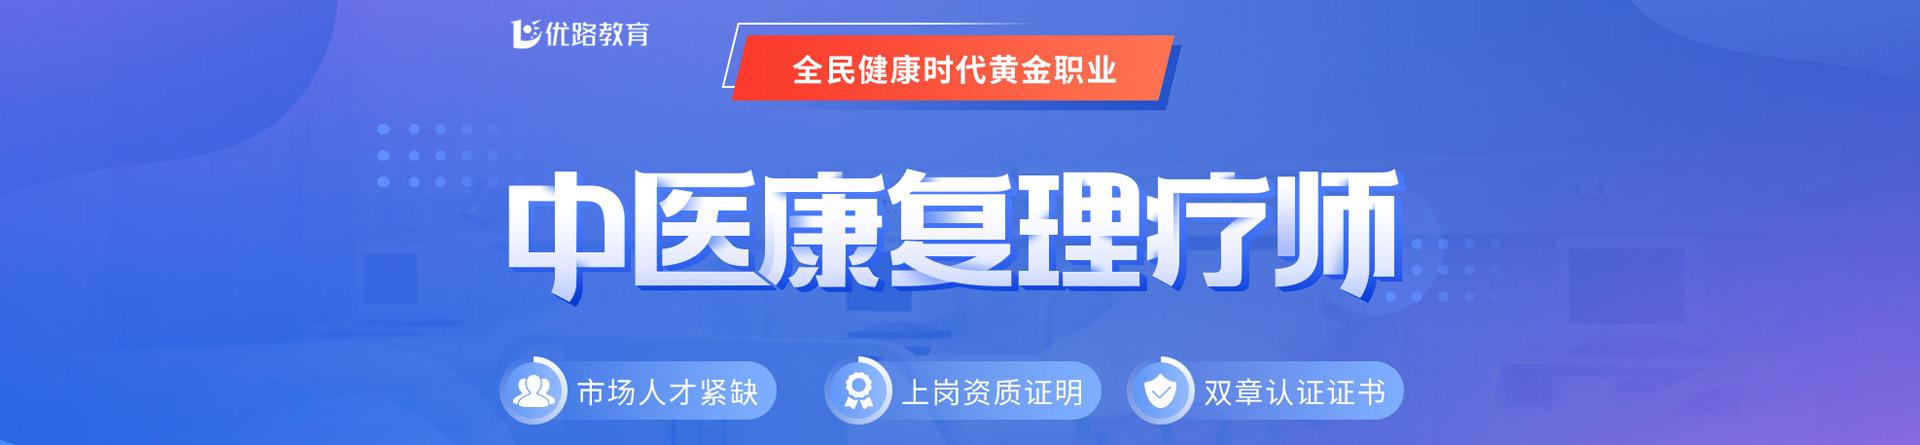 江苏苏州优路教育培训学校